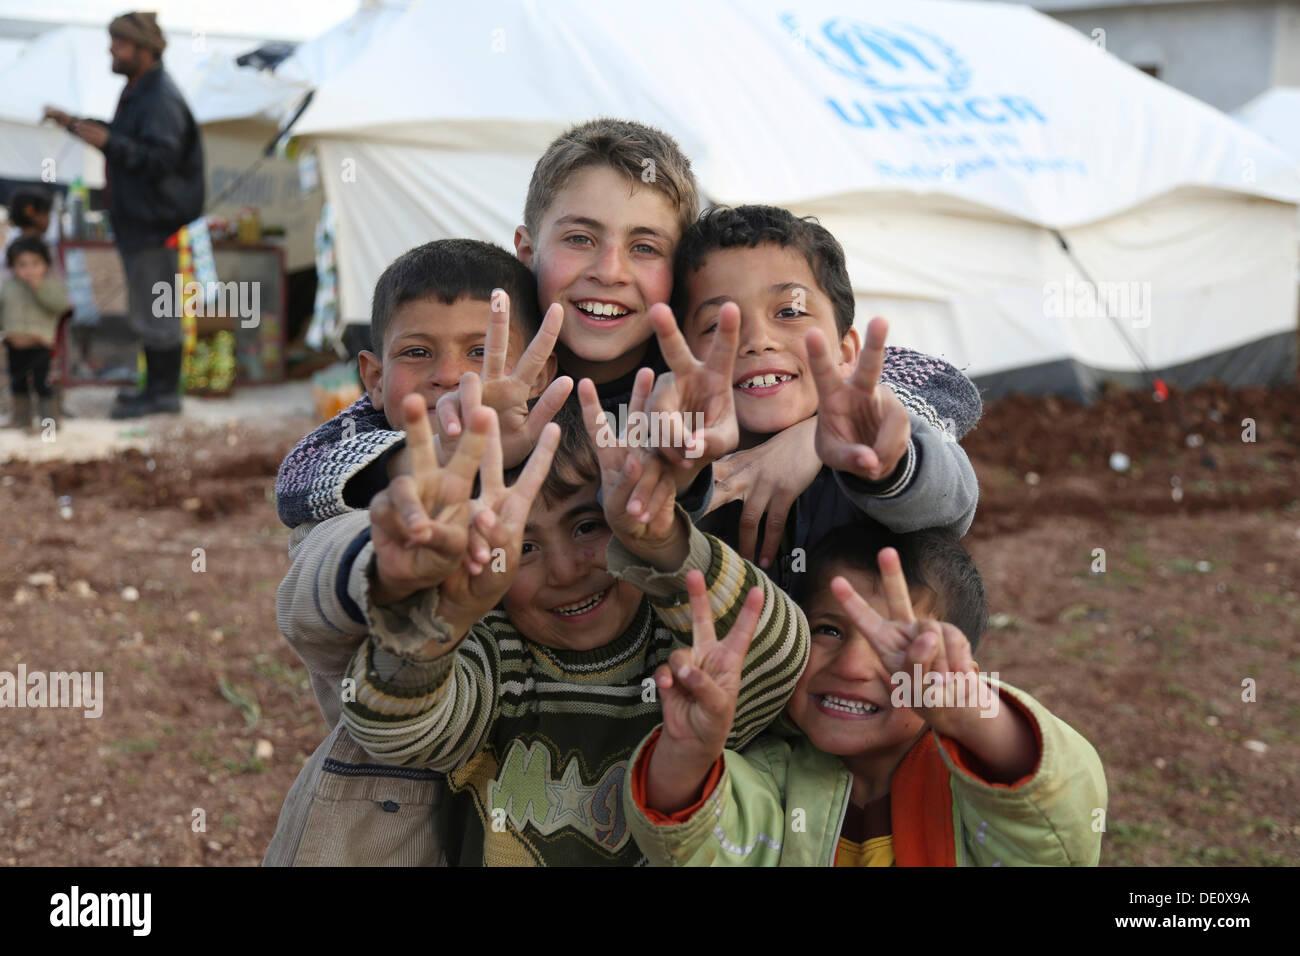 Kinder in einem Lager für syrische Flüchtlinge des Bürgerkriegs in der Nähe der türkischen Grenze Stockbild